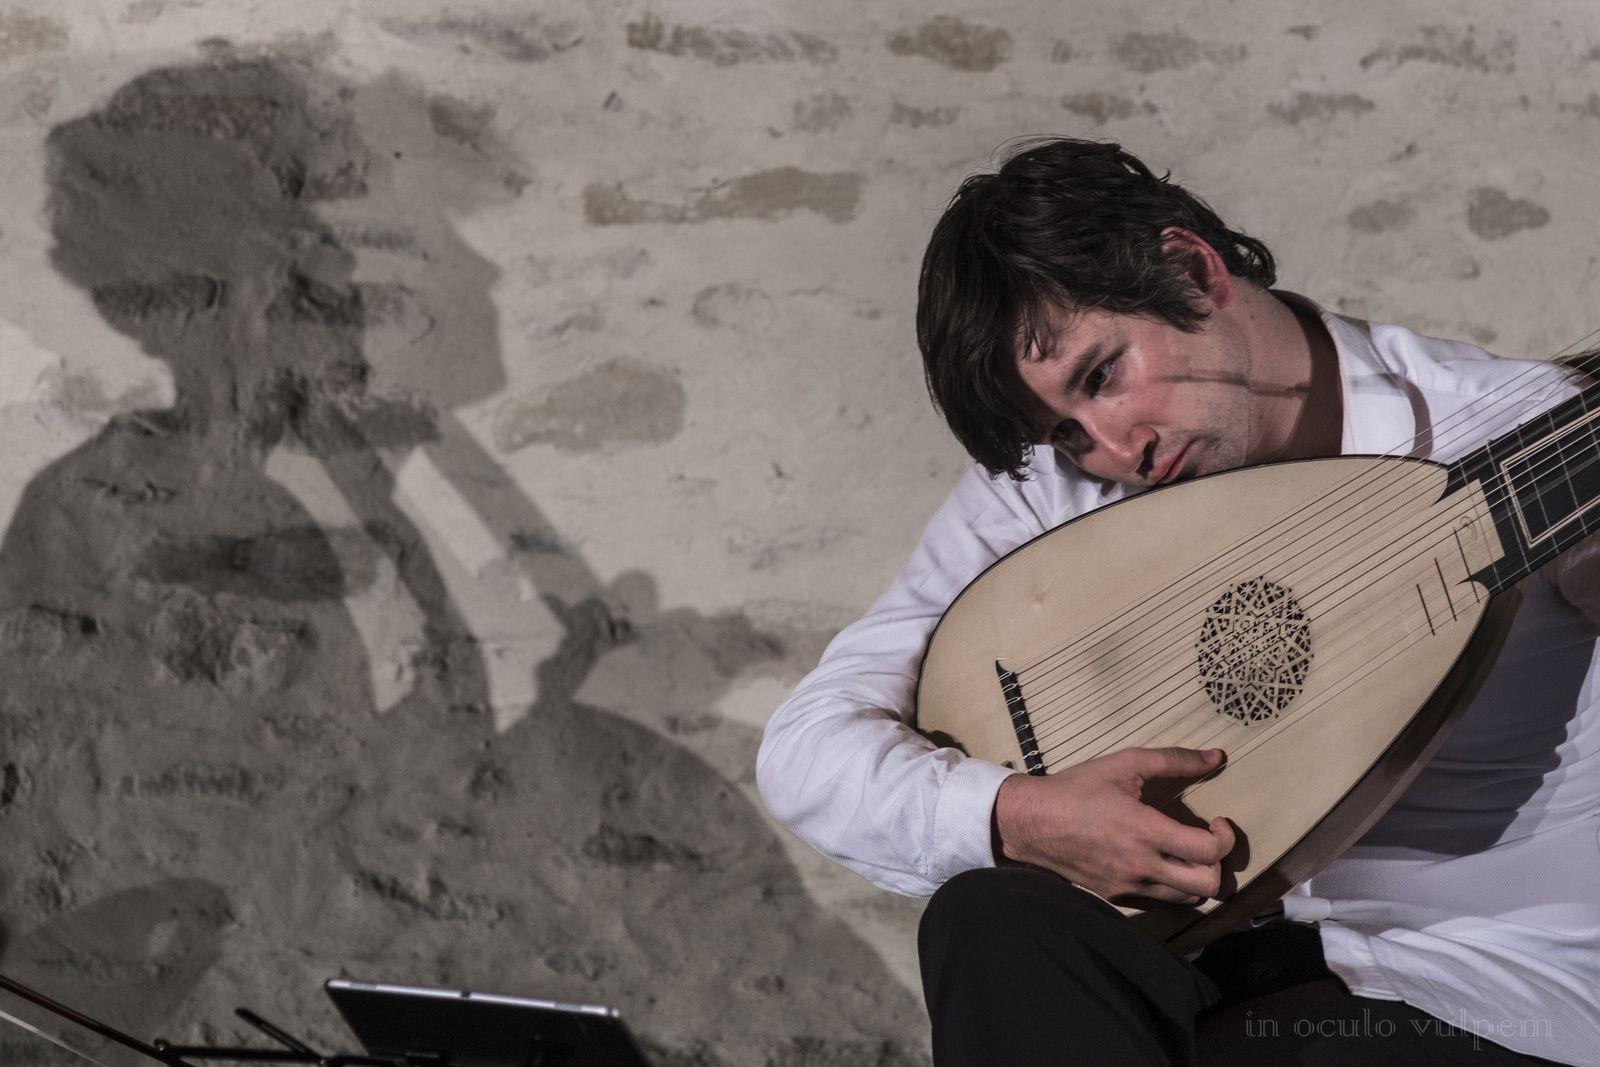 Les Promenades Musicales du Pays d'Auge. Duo de Cordes Baroques. Thomas Dunford, Théorbe; Bruno Philippe, Violoncelle. Château de Canon, 31/07/2019.